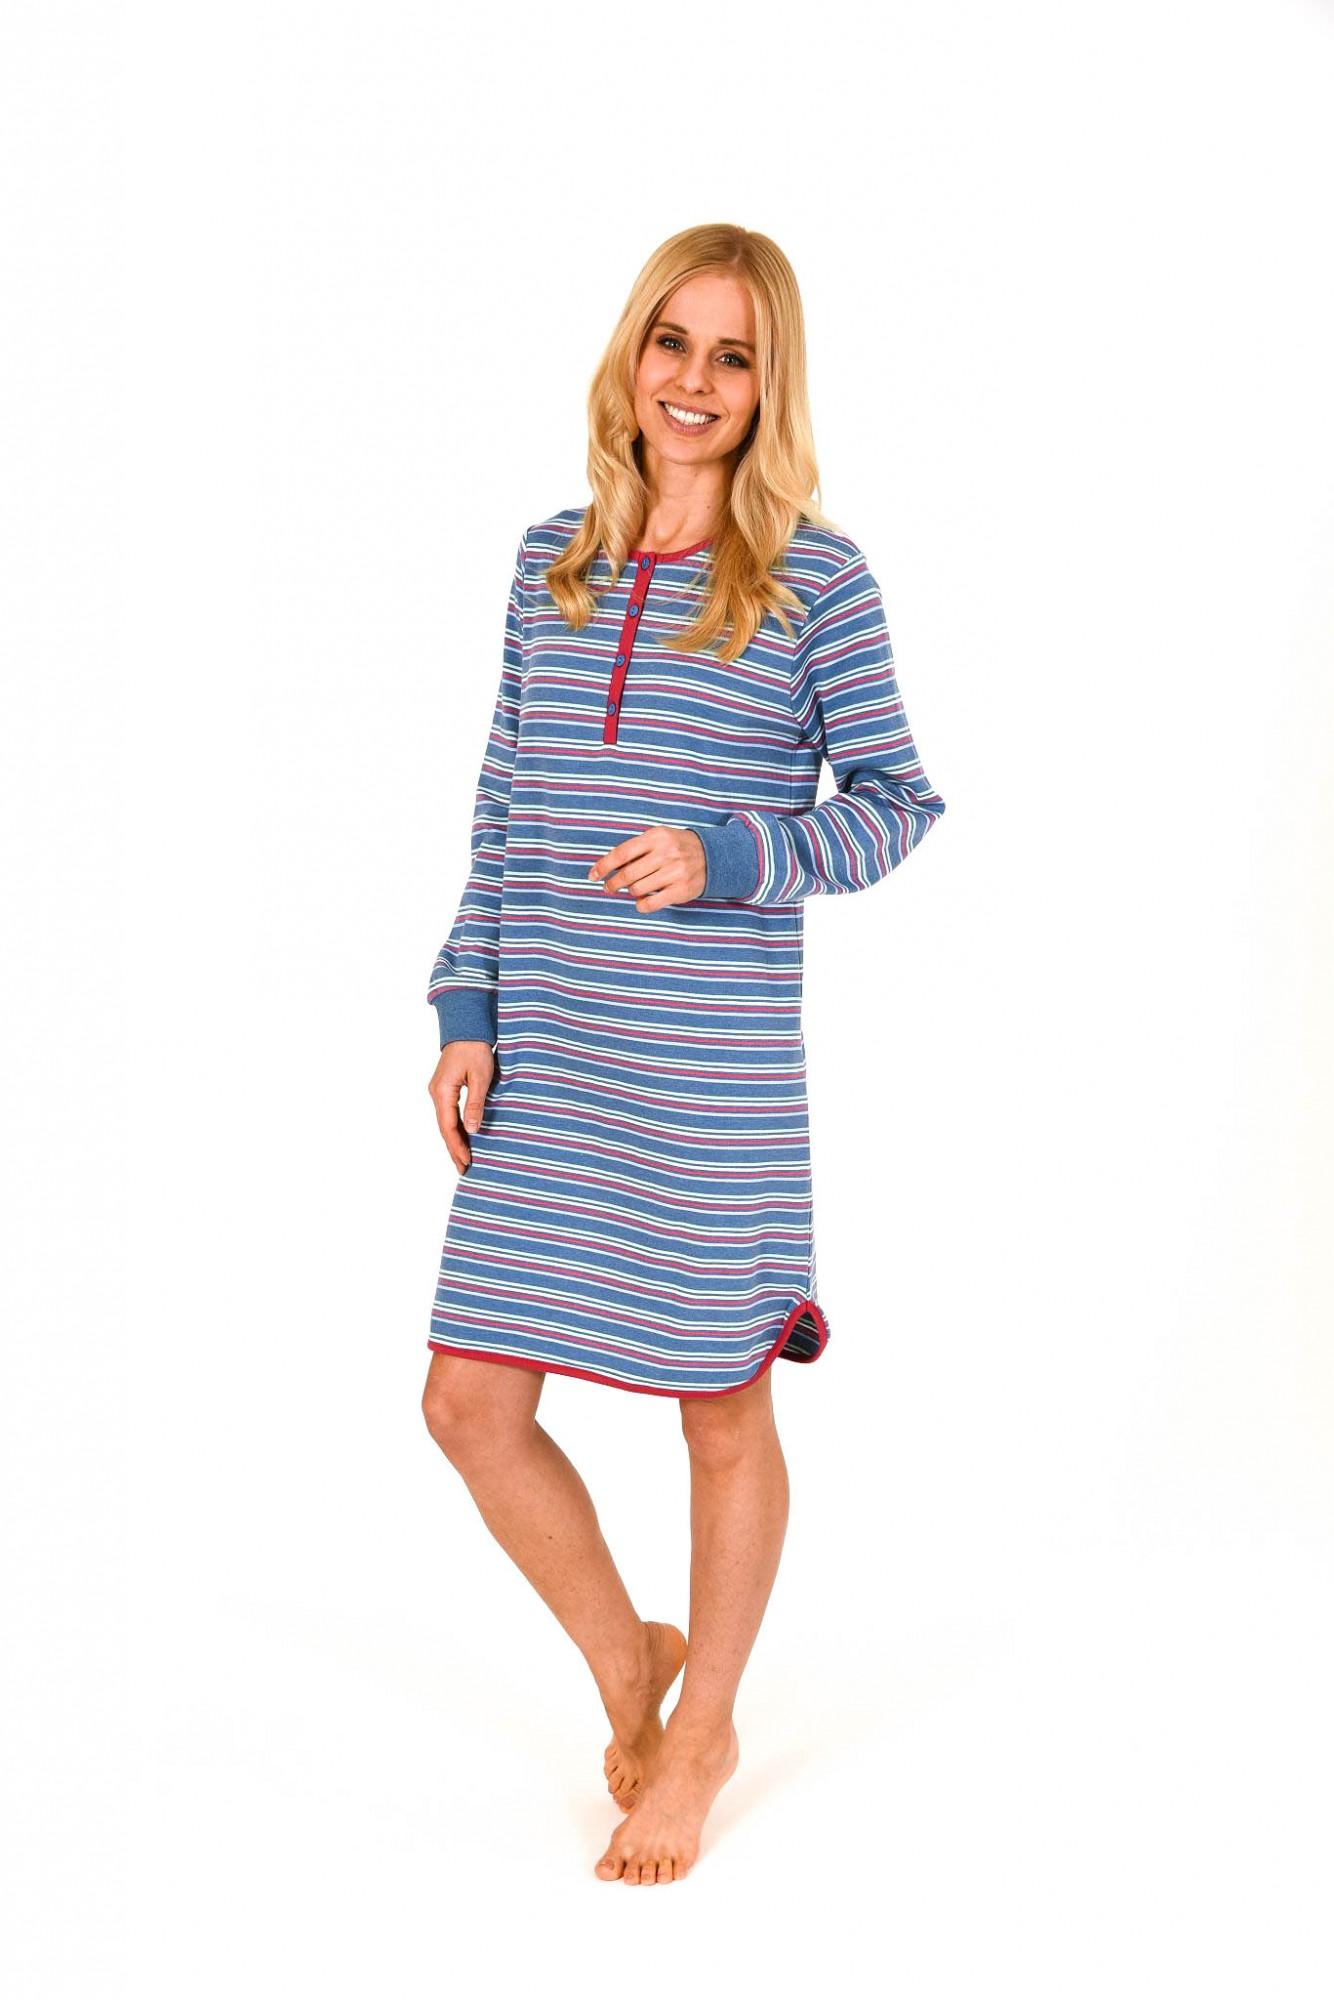 Damen Kurz Nachthemd in Kuschel Interlock Qualität geringelt – 261 213 96 120 001